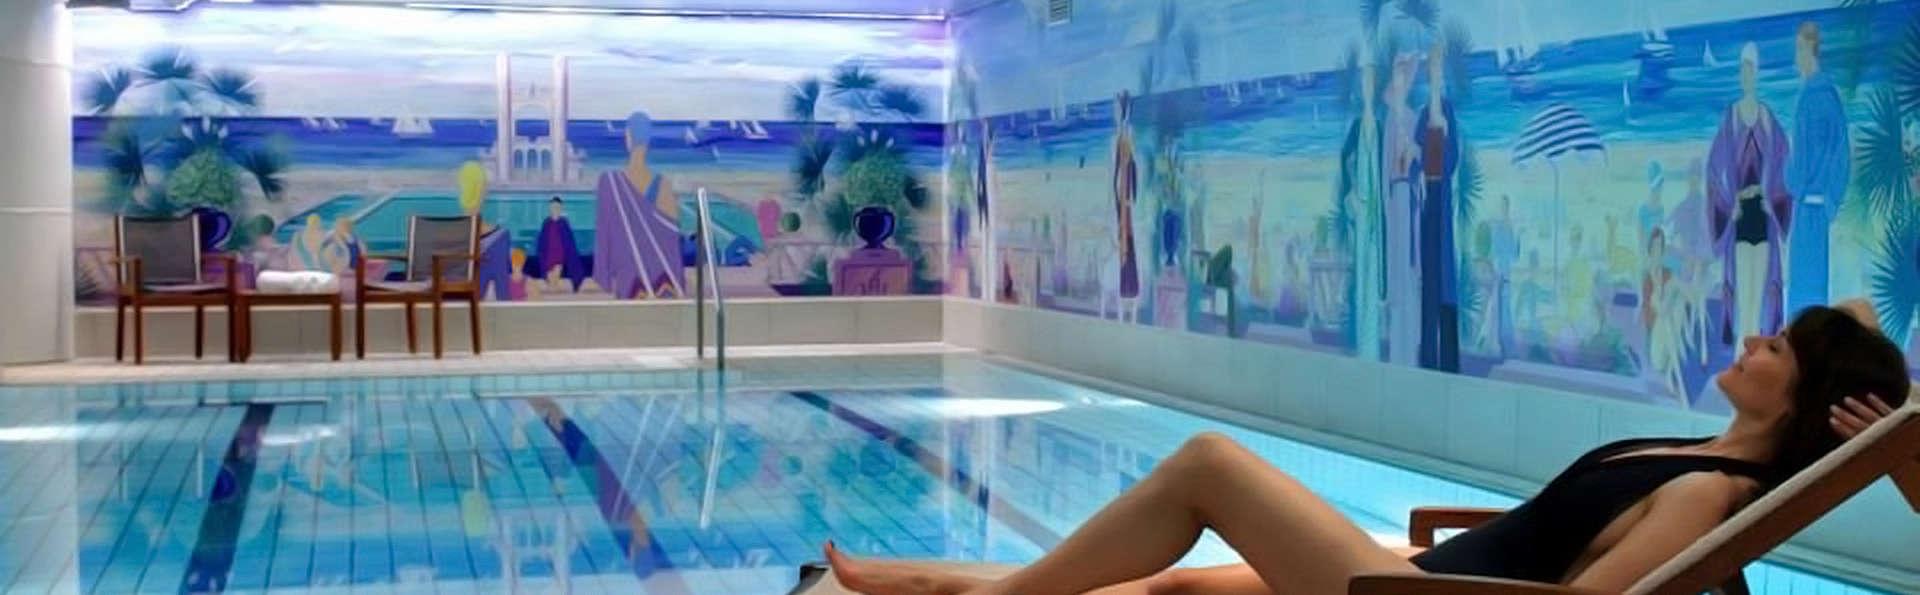 Week-end avec accès au Spa dans un cadre luxueux au Touquet